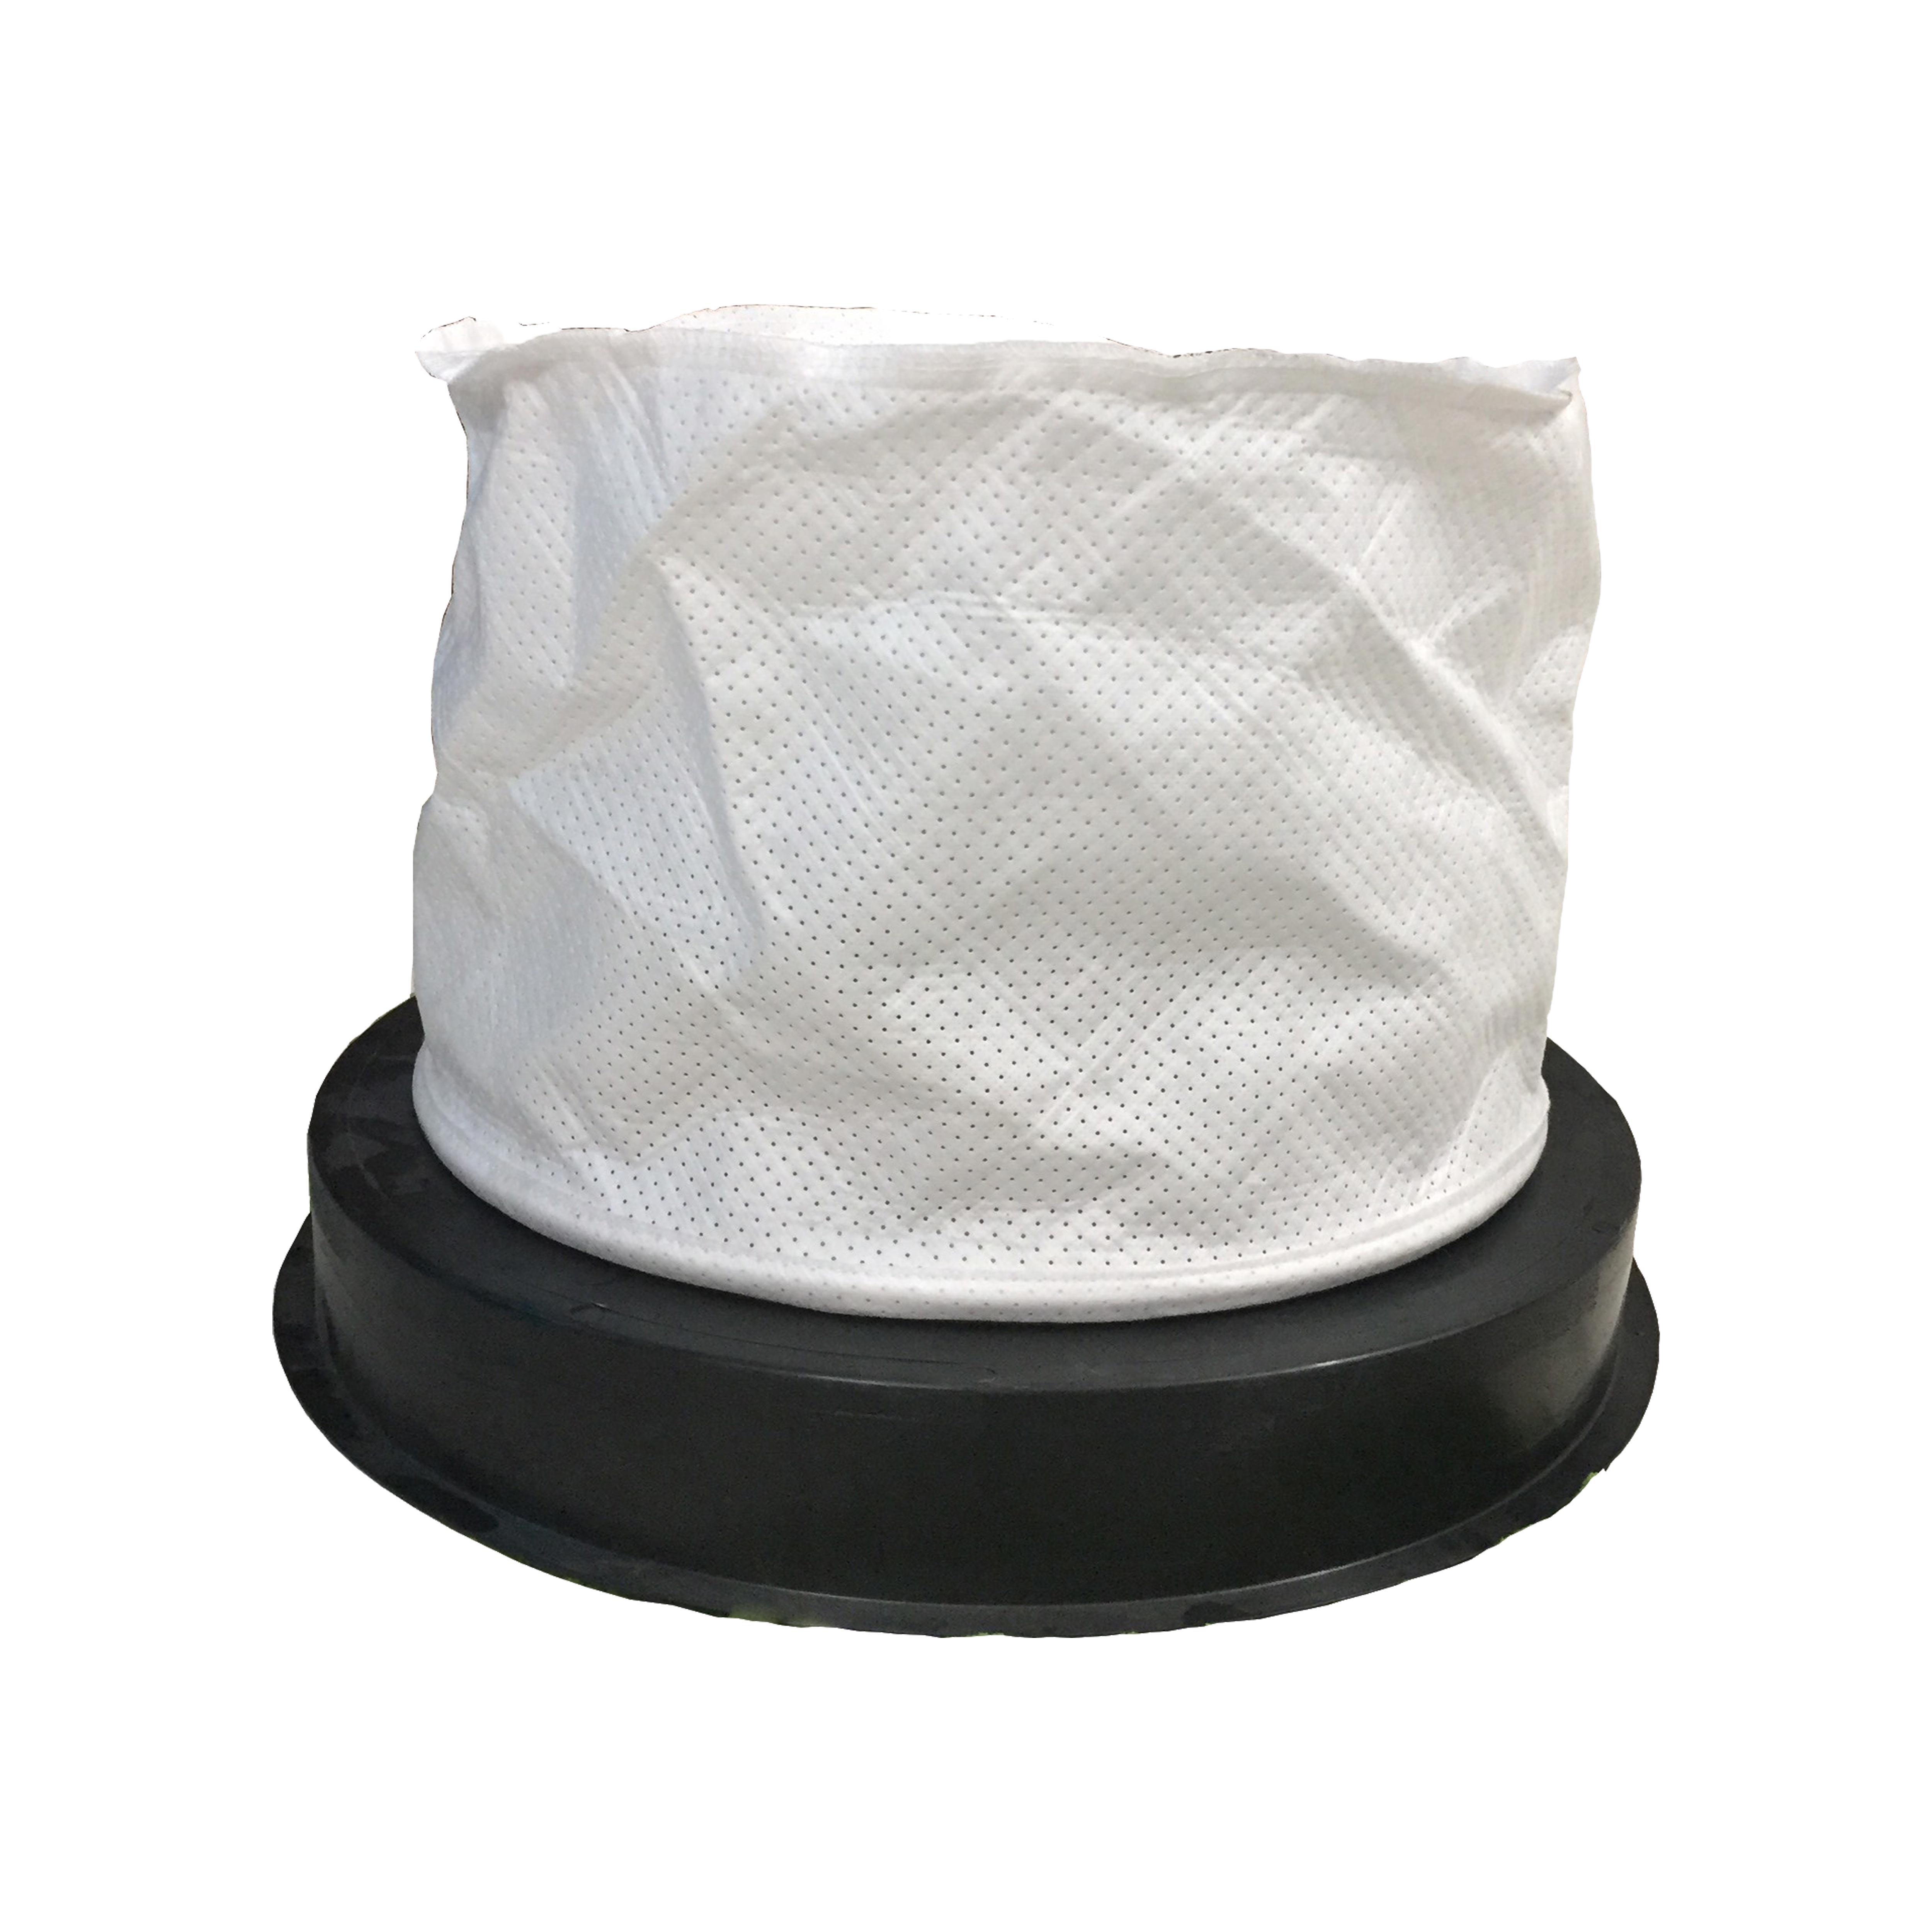 Túi vải lọc bụi máy hút bụi công nghiệp 60L, 80L, 90L đường kính 435mm 100% hàng  nhập khẩu thương hiệu MLEE